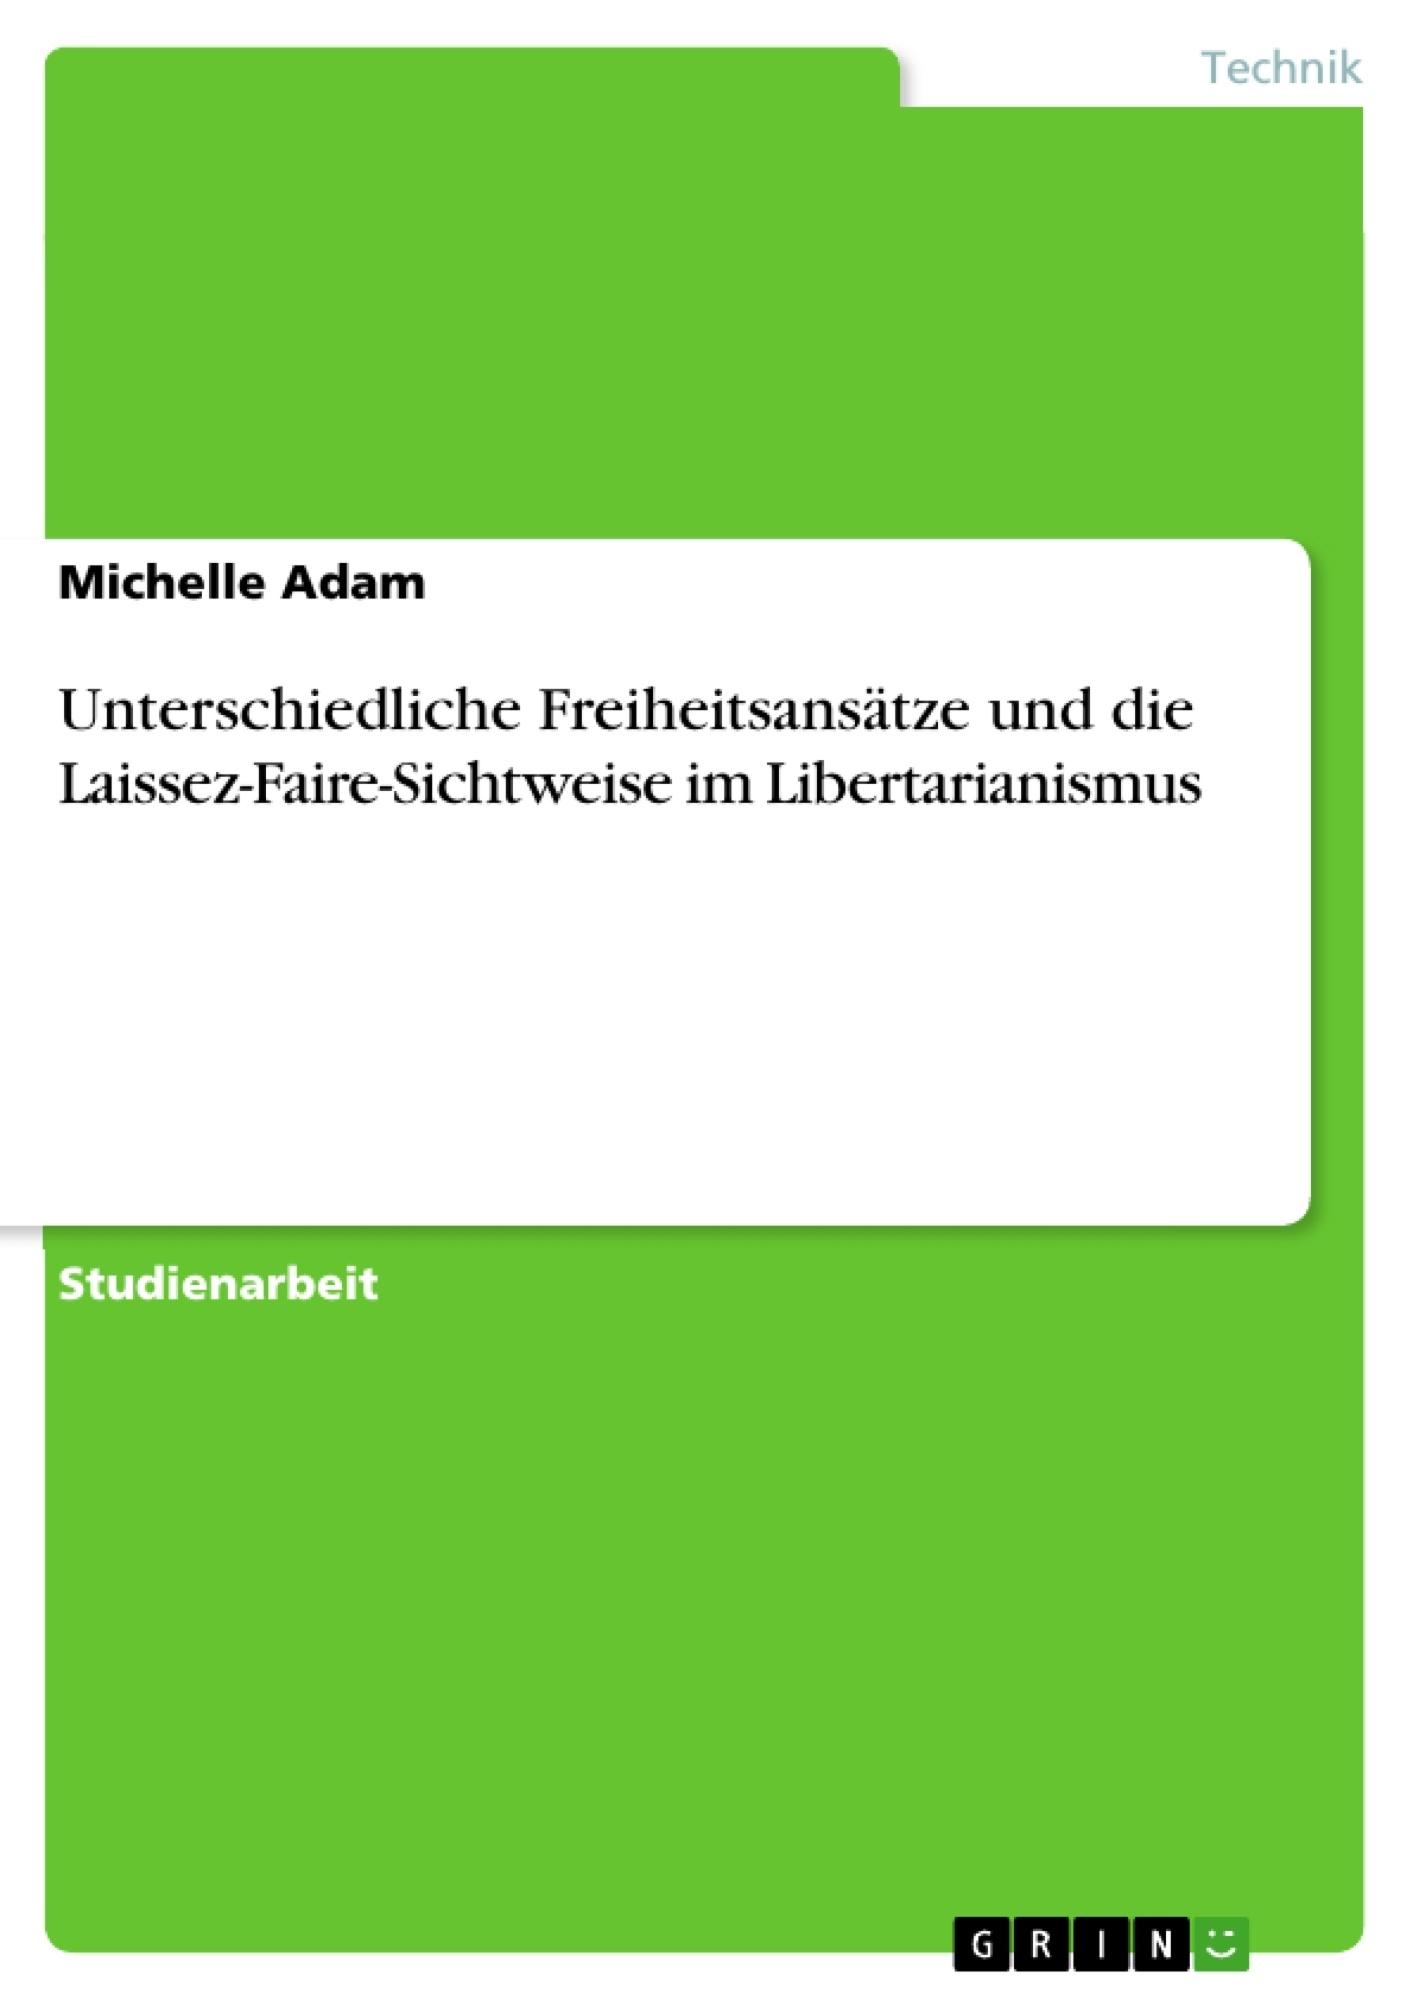 Titel: Unterschiedliche Freiheitsansätze und die Laissez-Faire-Sichtweise im Libertarianismus